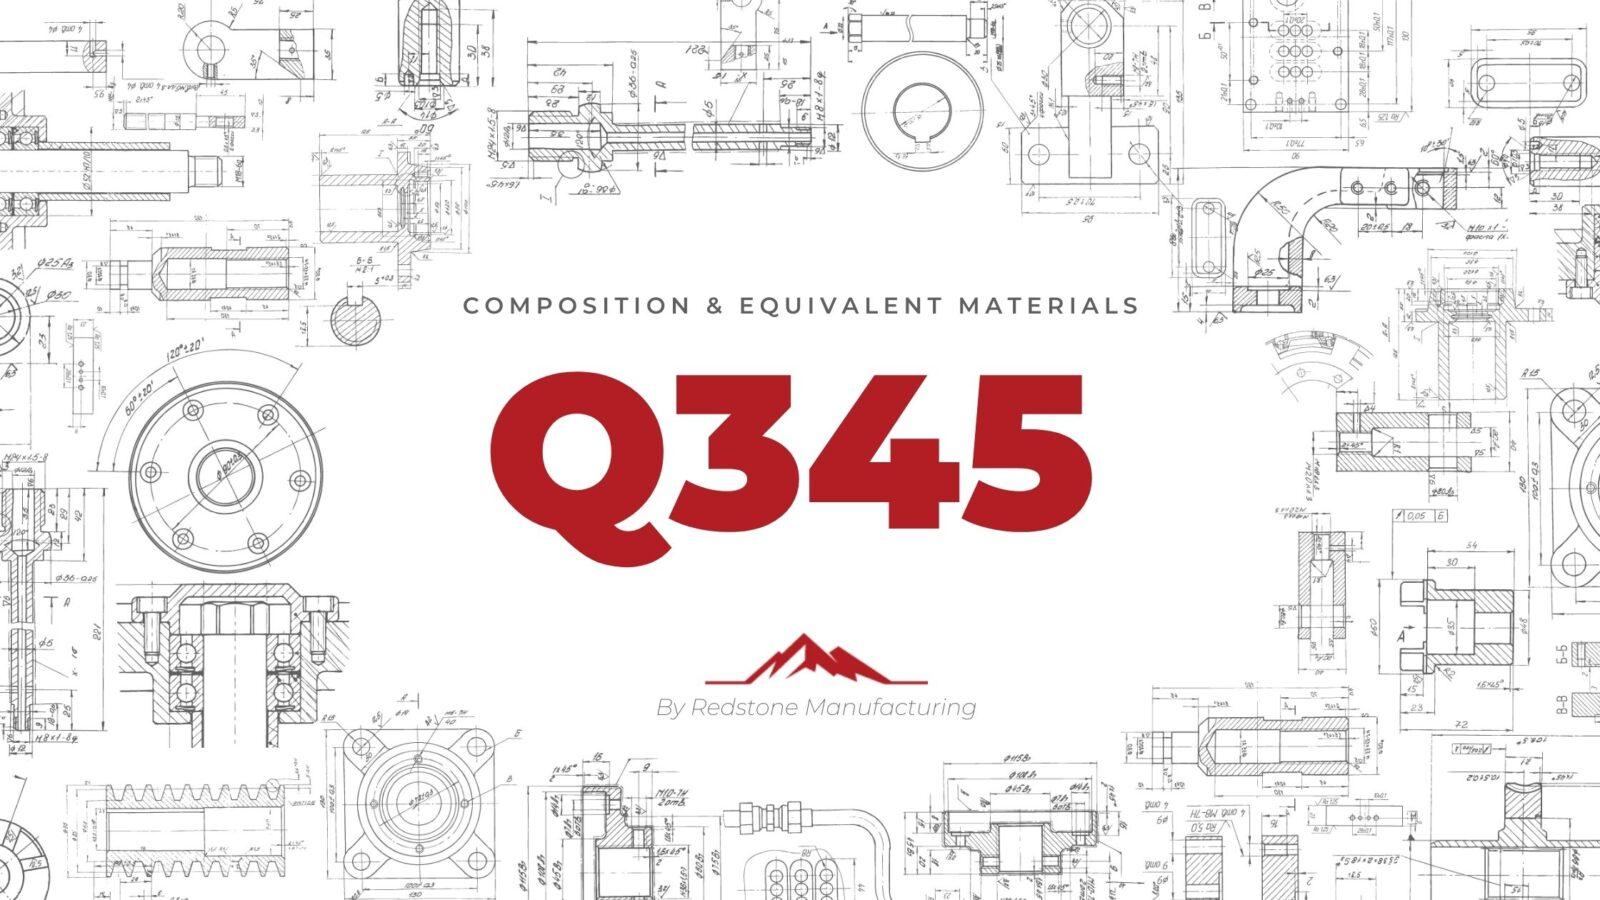 Q345 Equivalent